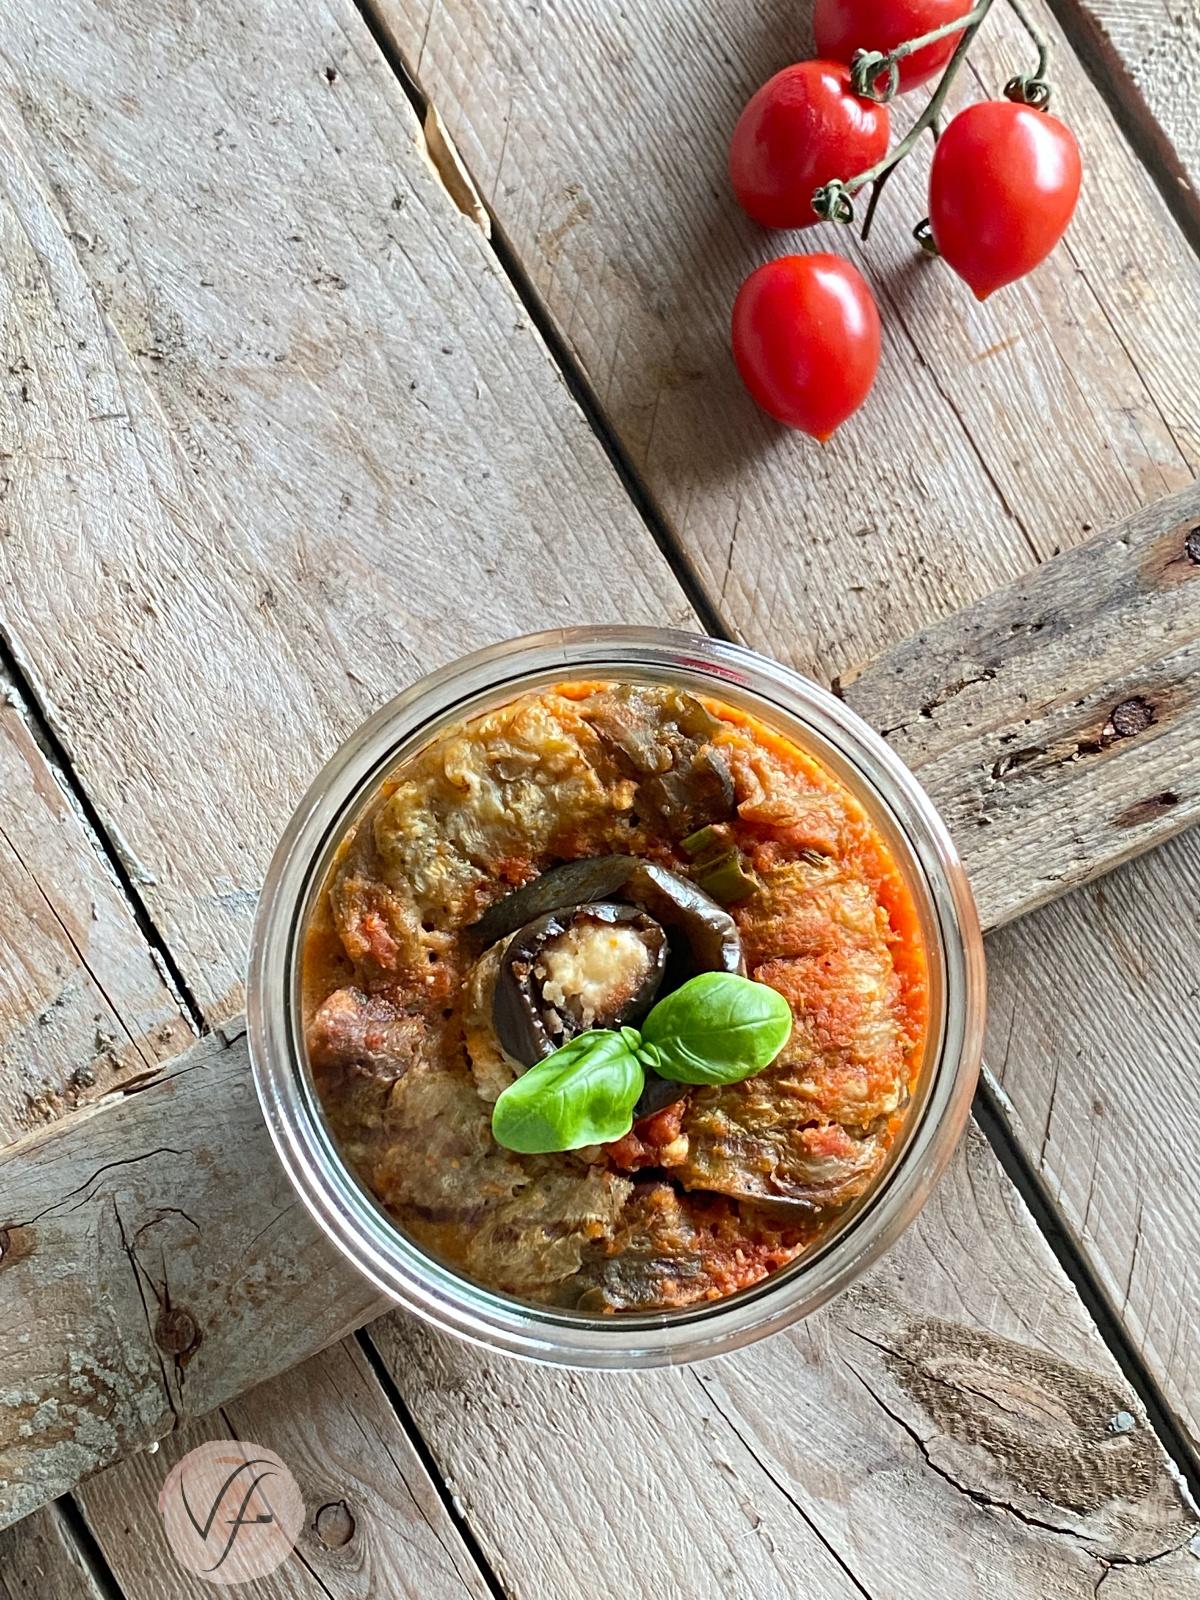 involtini di melanzane farcite con feta e olive in vasocottura al microonde